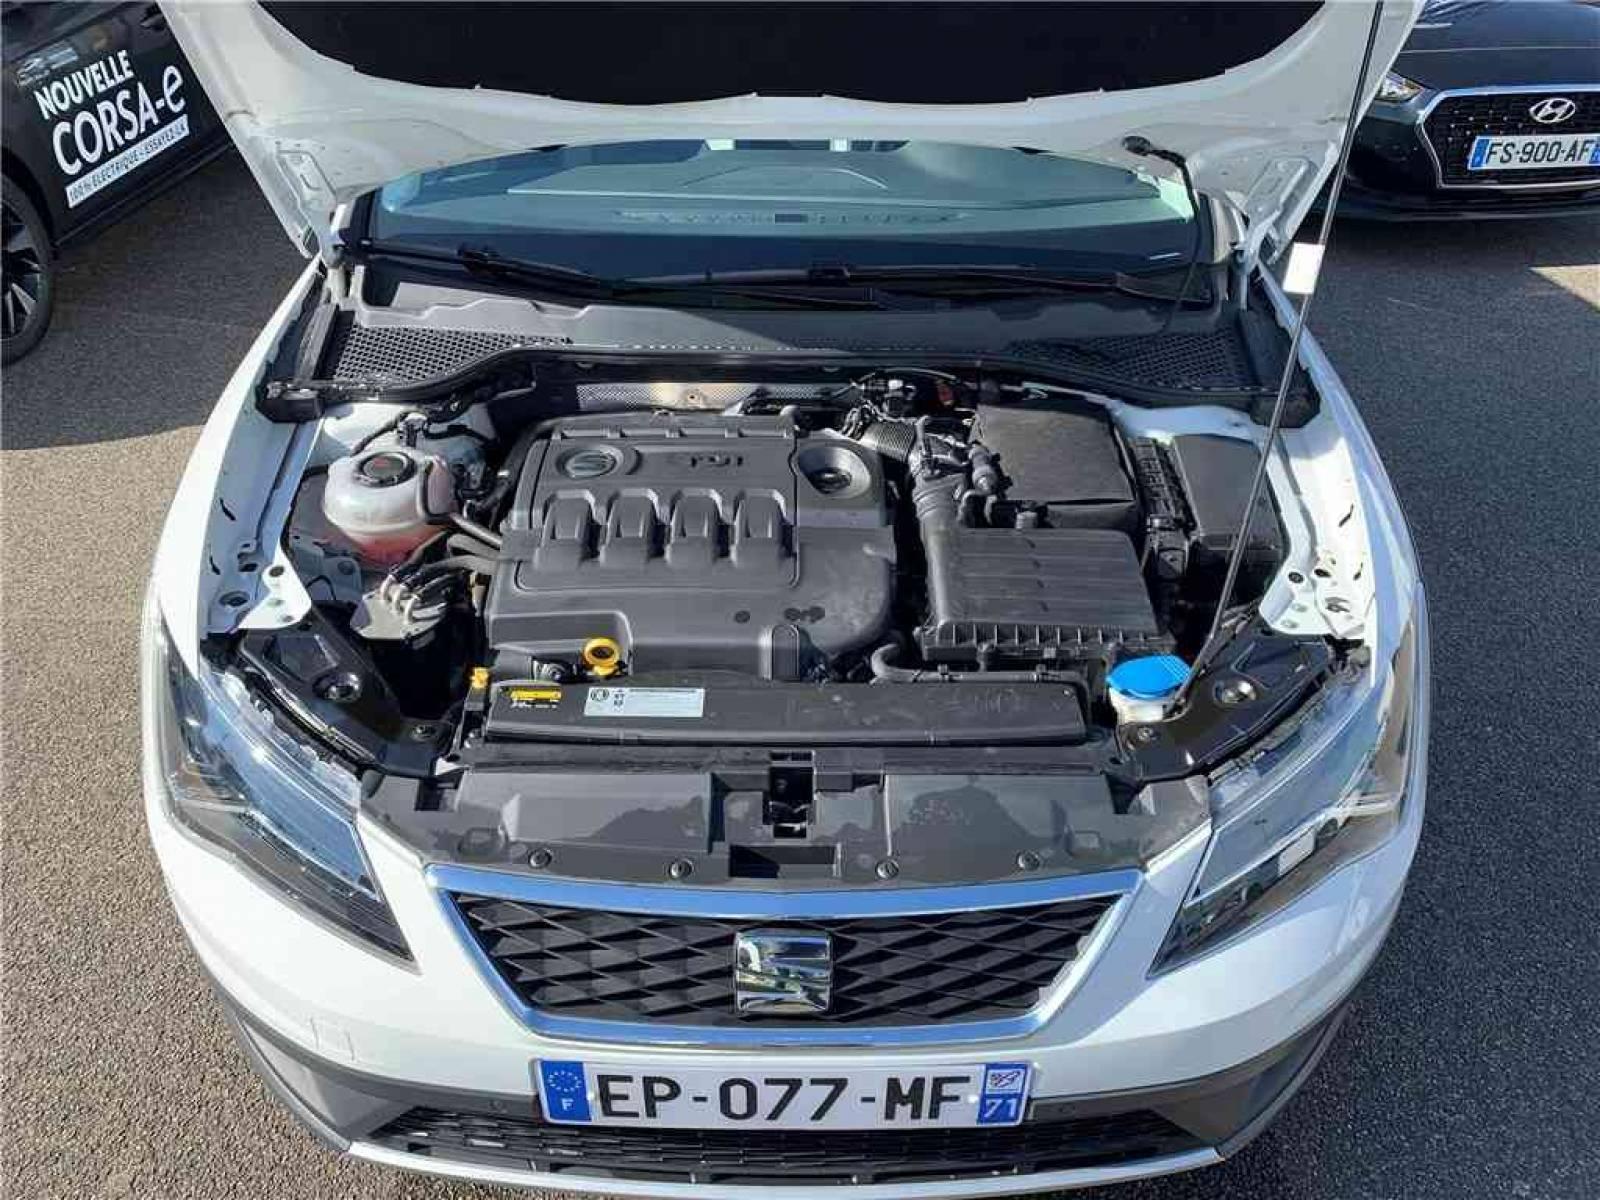 SEAT Leon X-Perience 2.0 TDI S/S 150 ch 4Drive - véhicule d'occasion - Groupe Guillet - Opel Magicauto - Montceau-les-Mines - 71300 - Montceau-les-Mines - 50